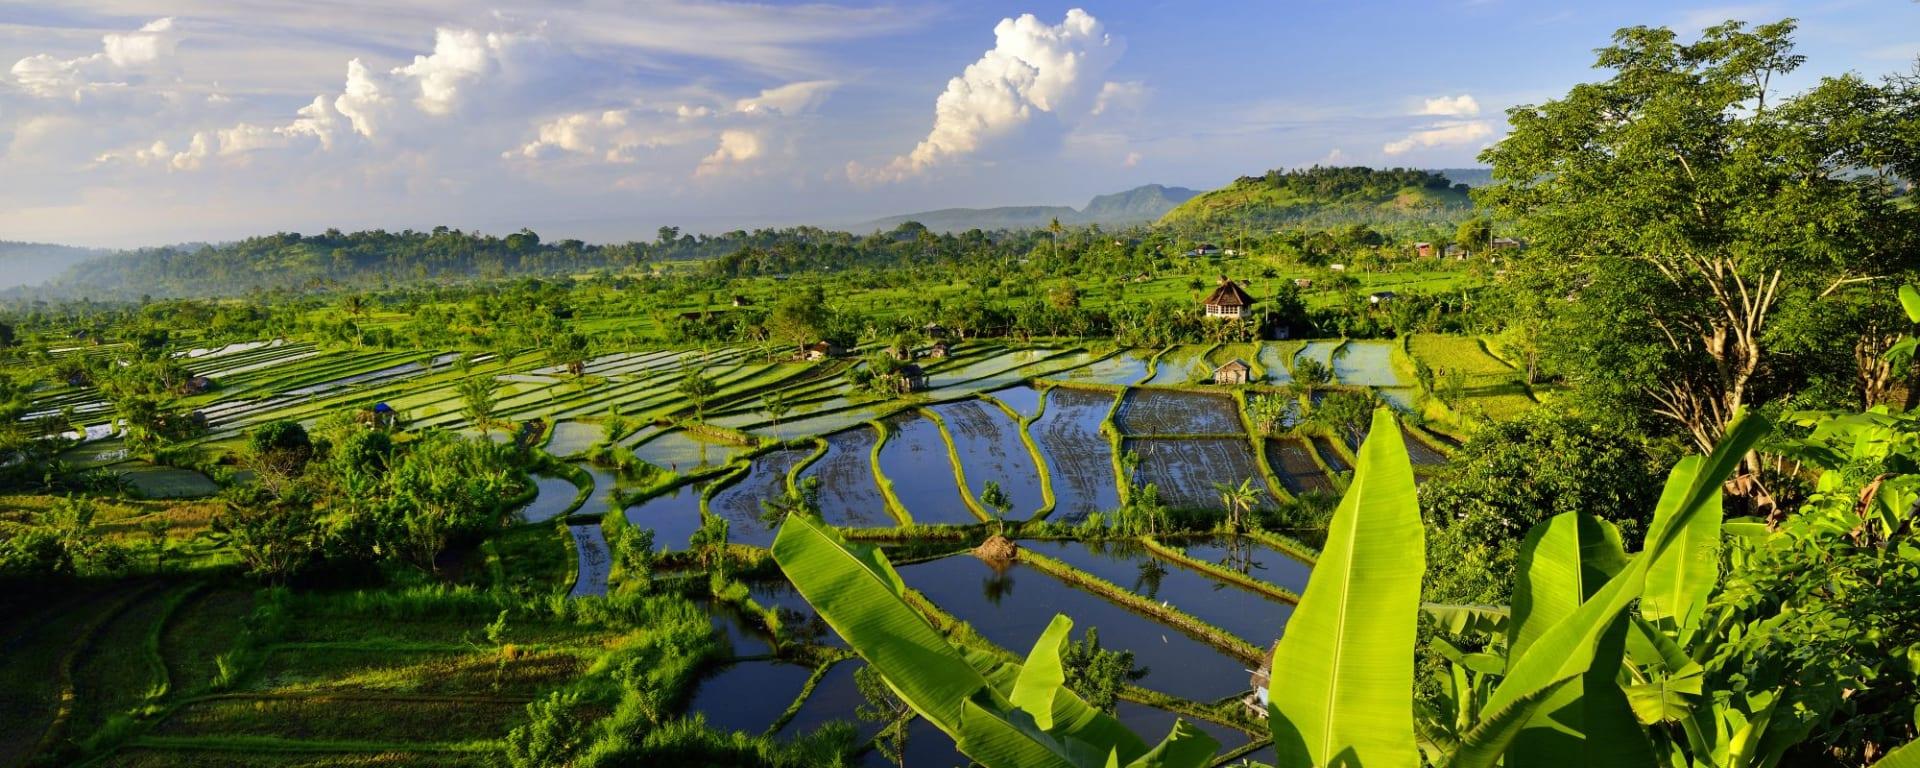 Wissenswertes zu Indonesien Reisen und Ferien: Bali rice fields East Bali